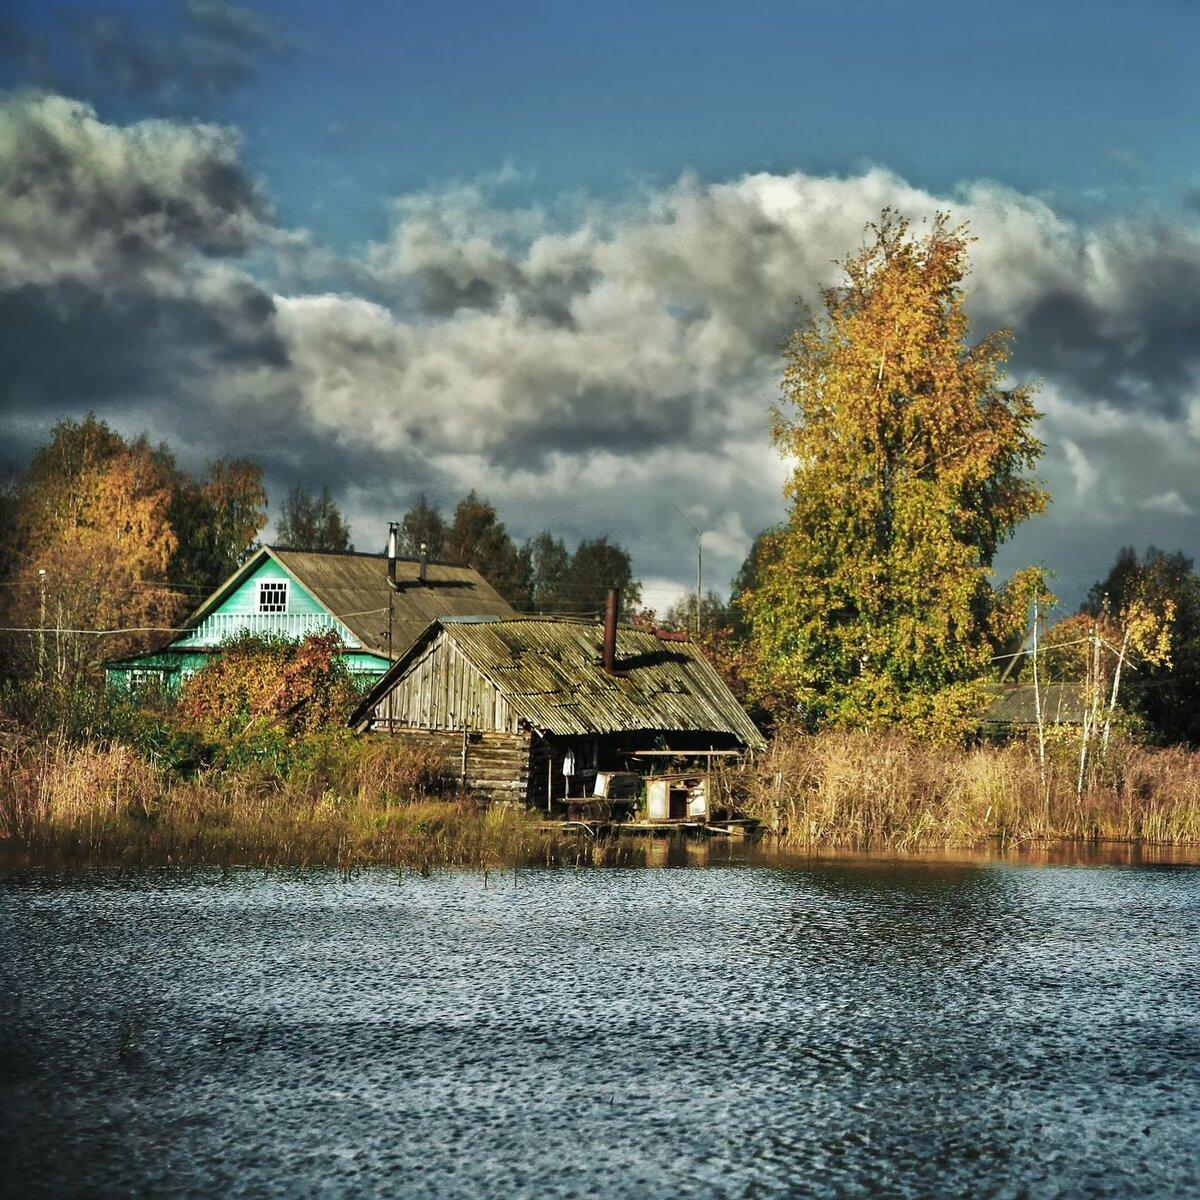 богатый деревенька моя фото жизнь закрытом городе